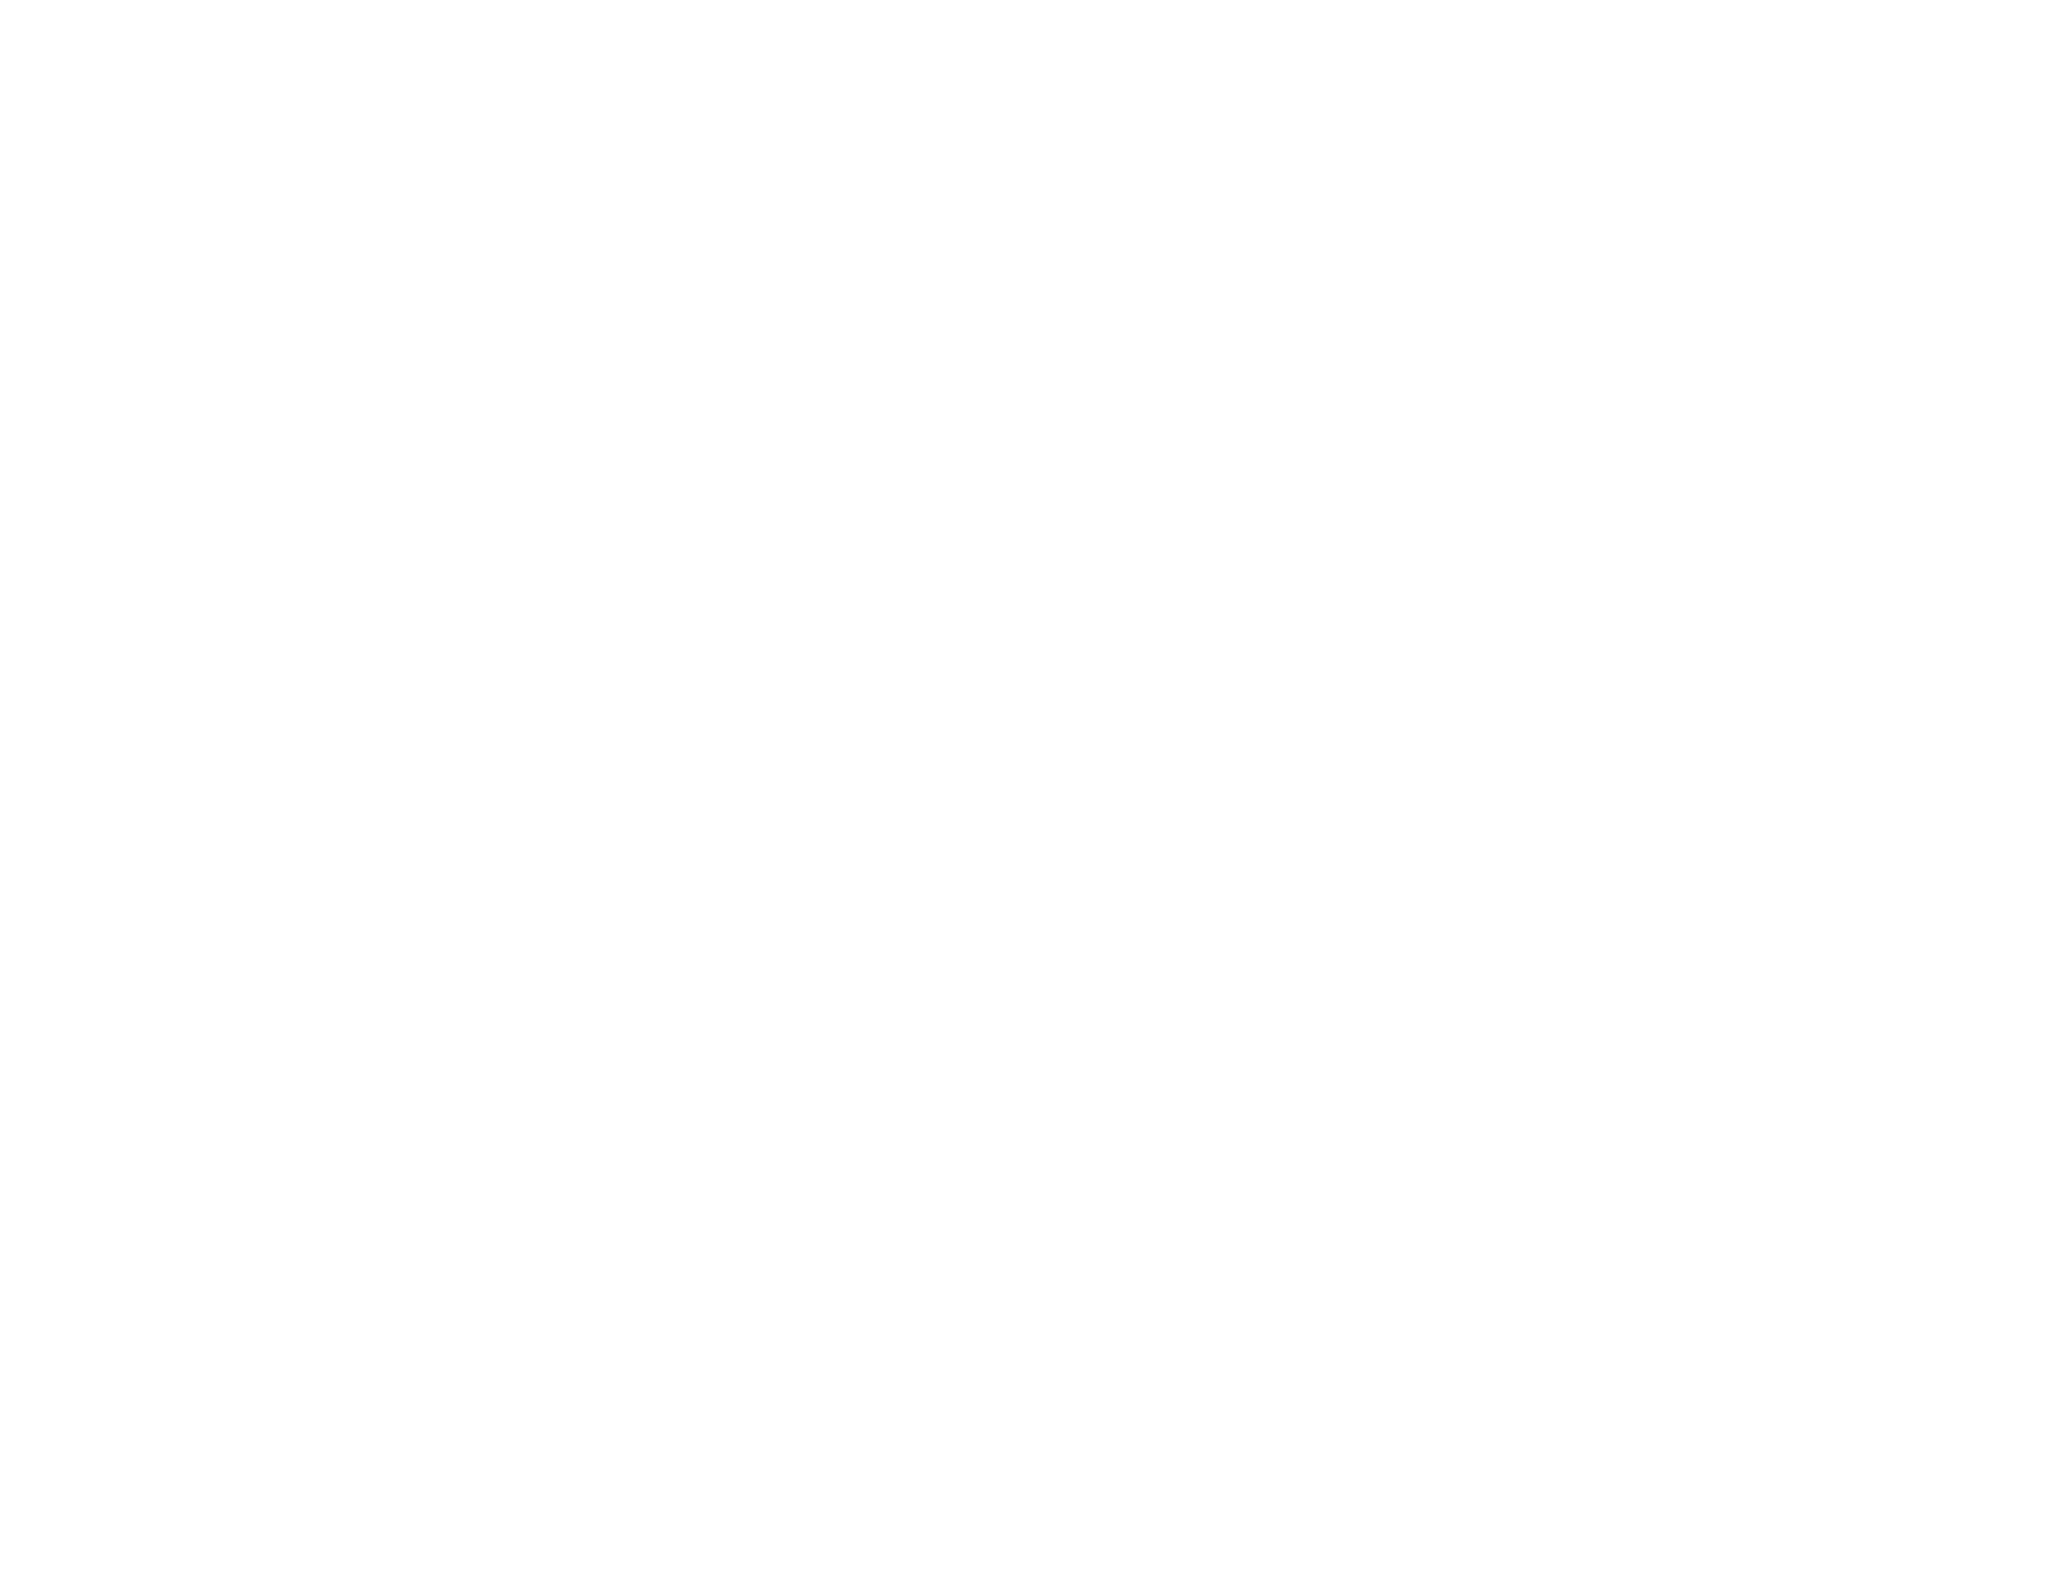 Taylor Boatworks